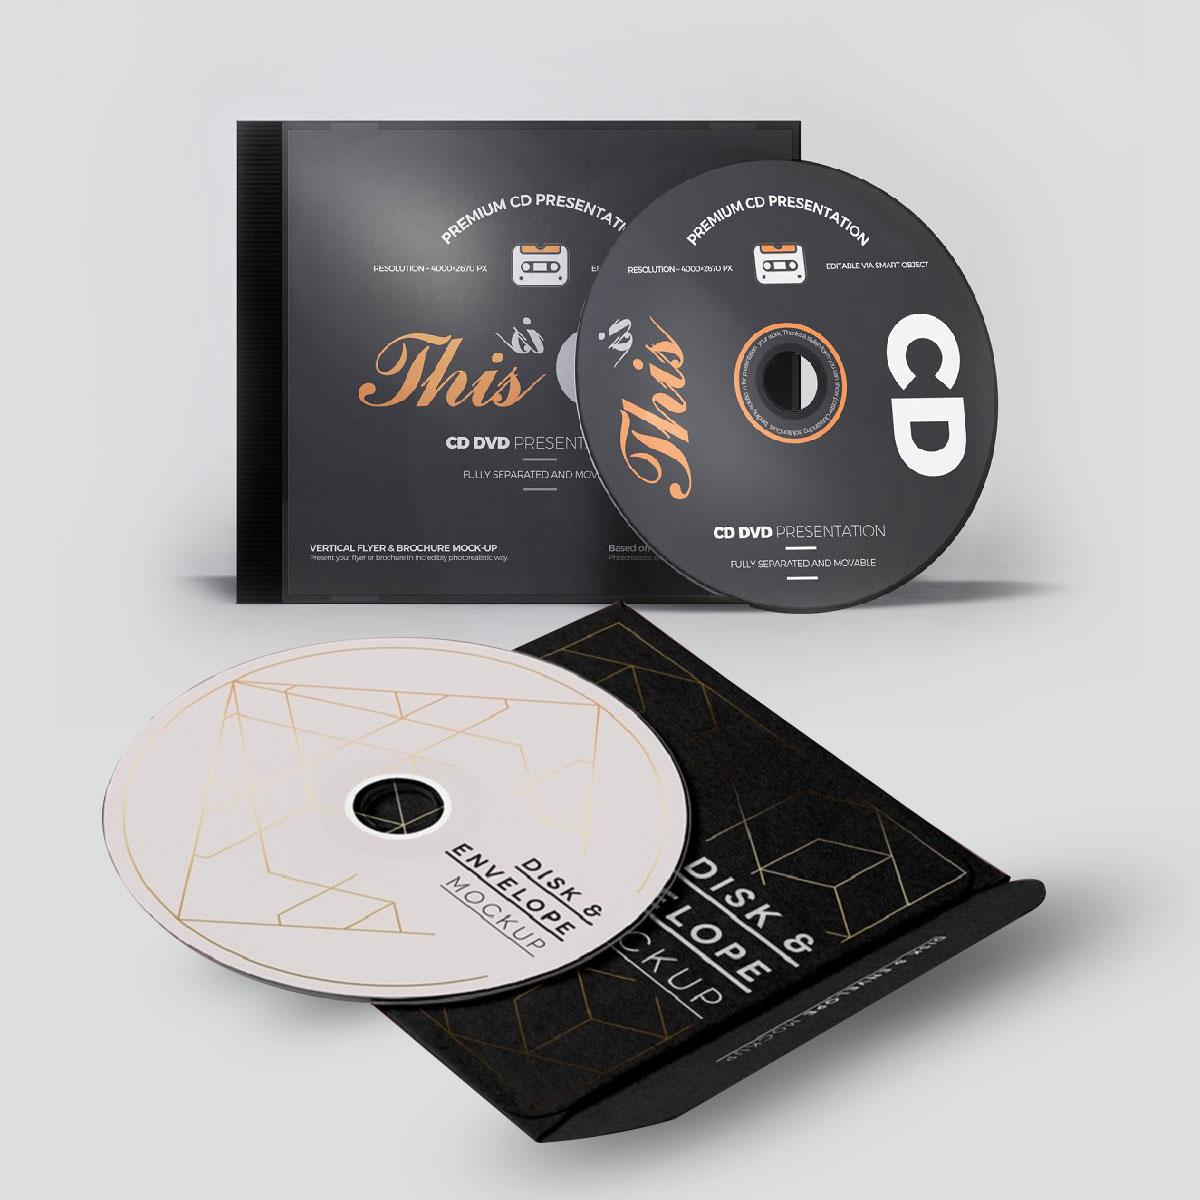 CD sticker printing